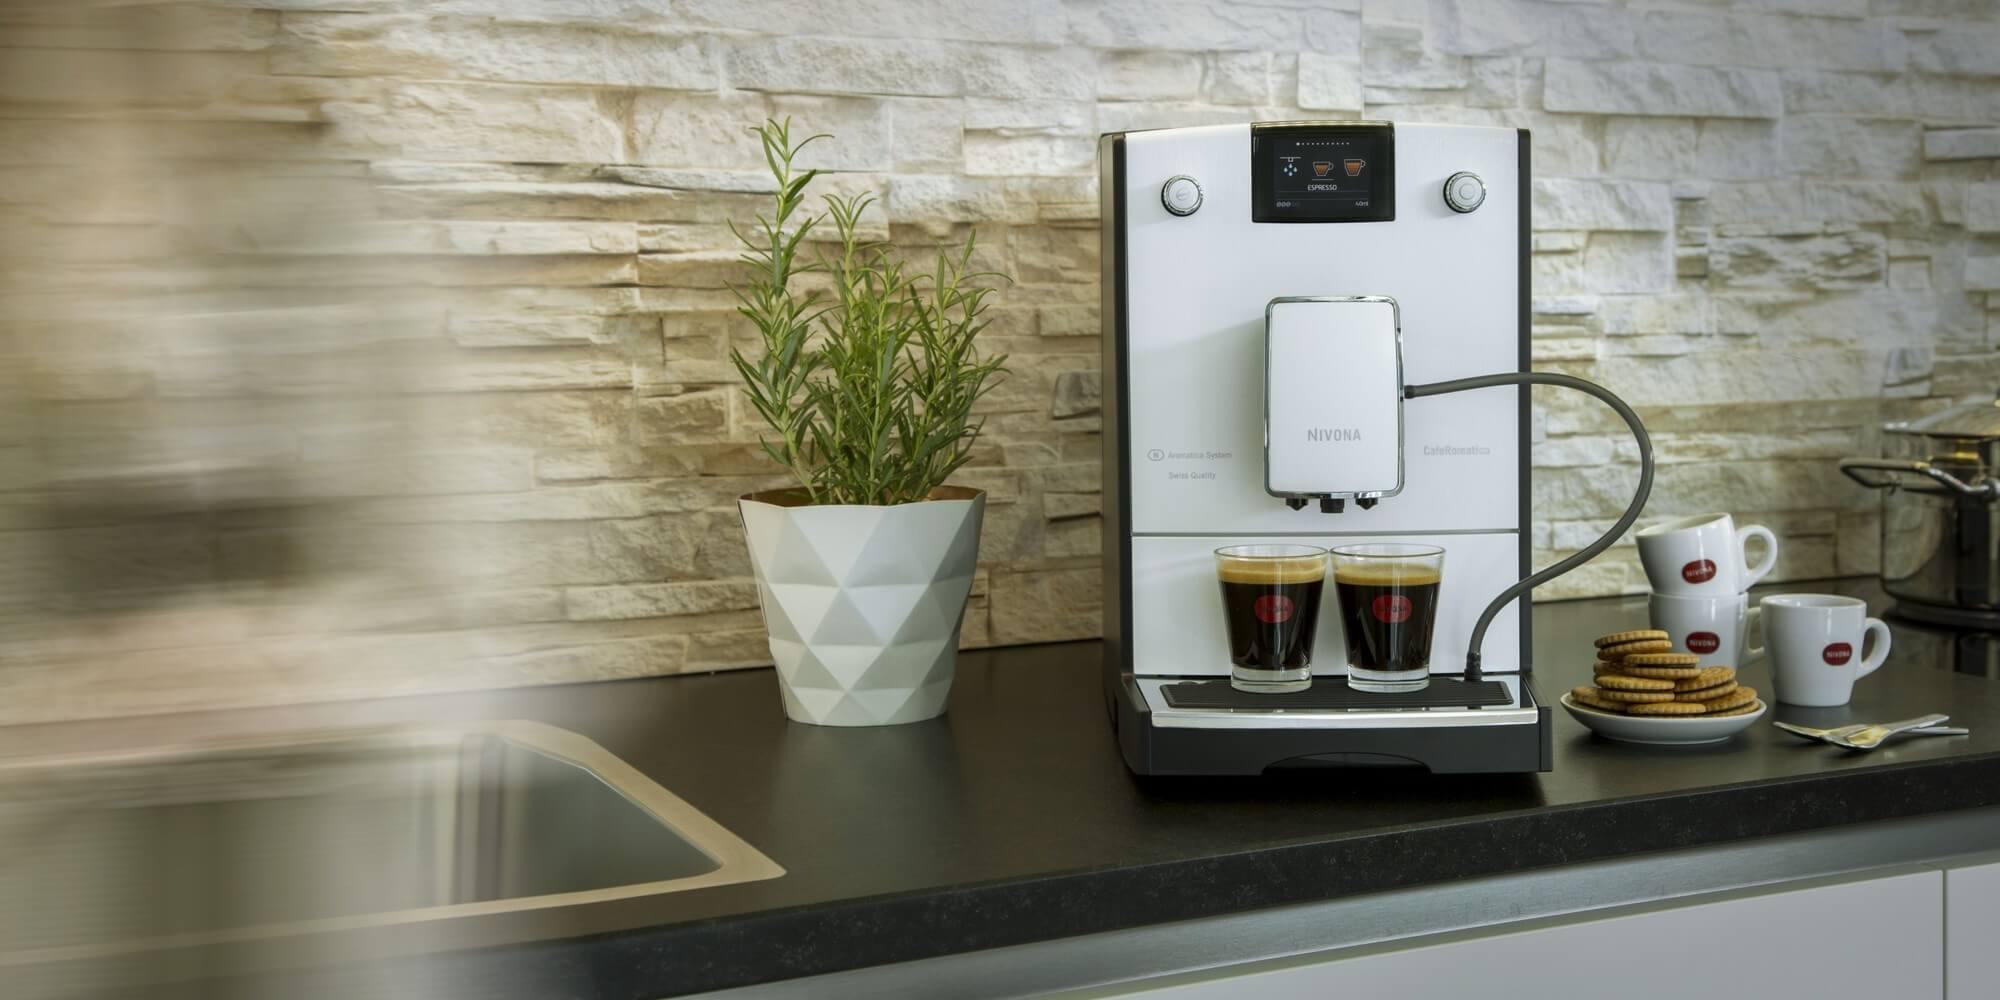 Автоматическая кофемашина Nivona CafeRomatica 779.